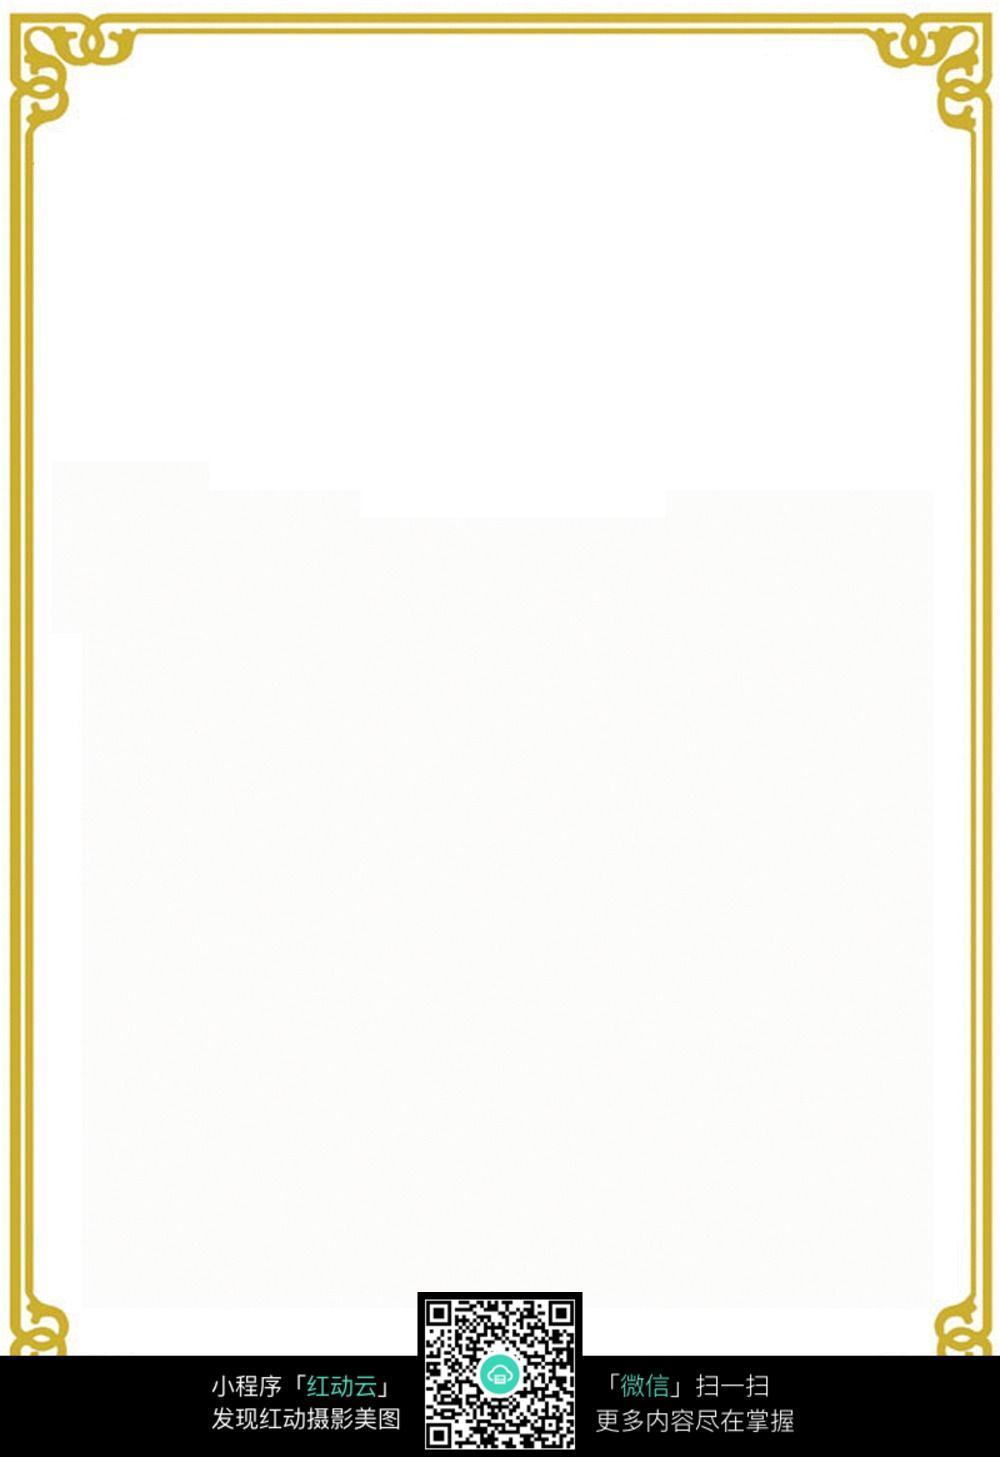 免费素材 图片素材 背景花边 边框相框 金色条纹线条边框图  请您分享